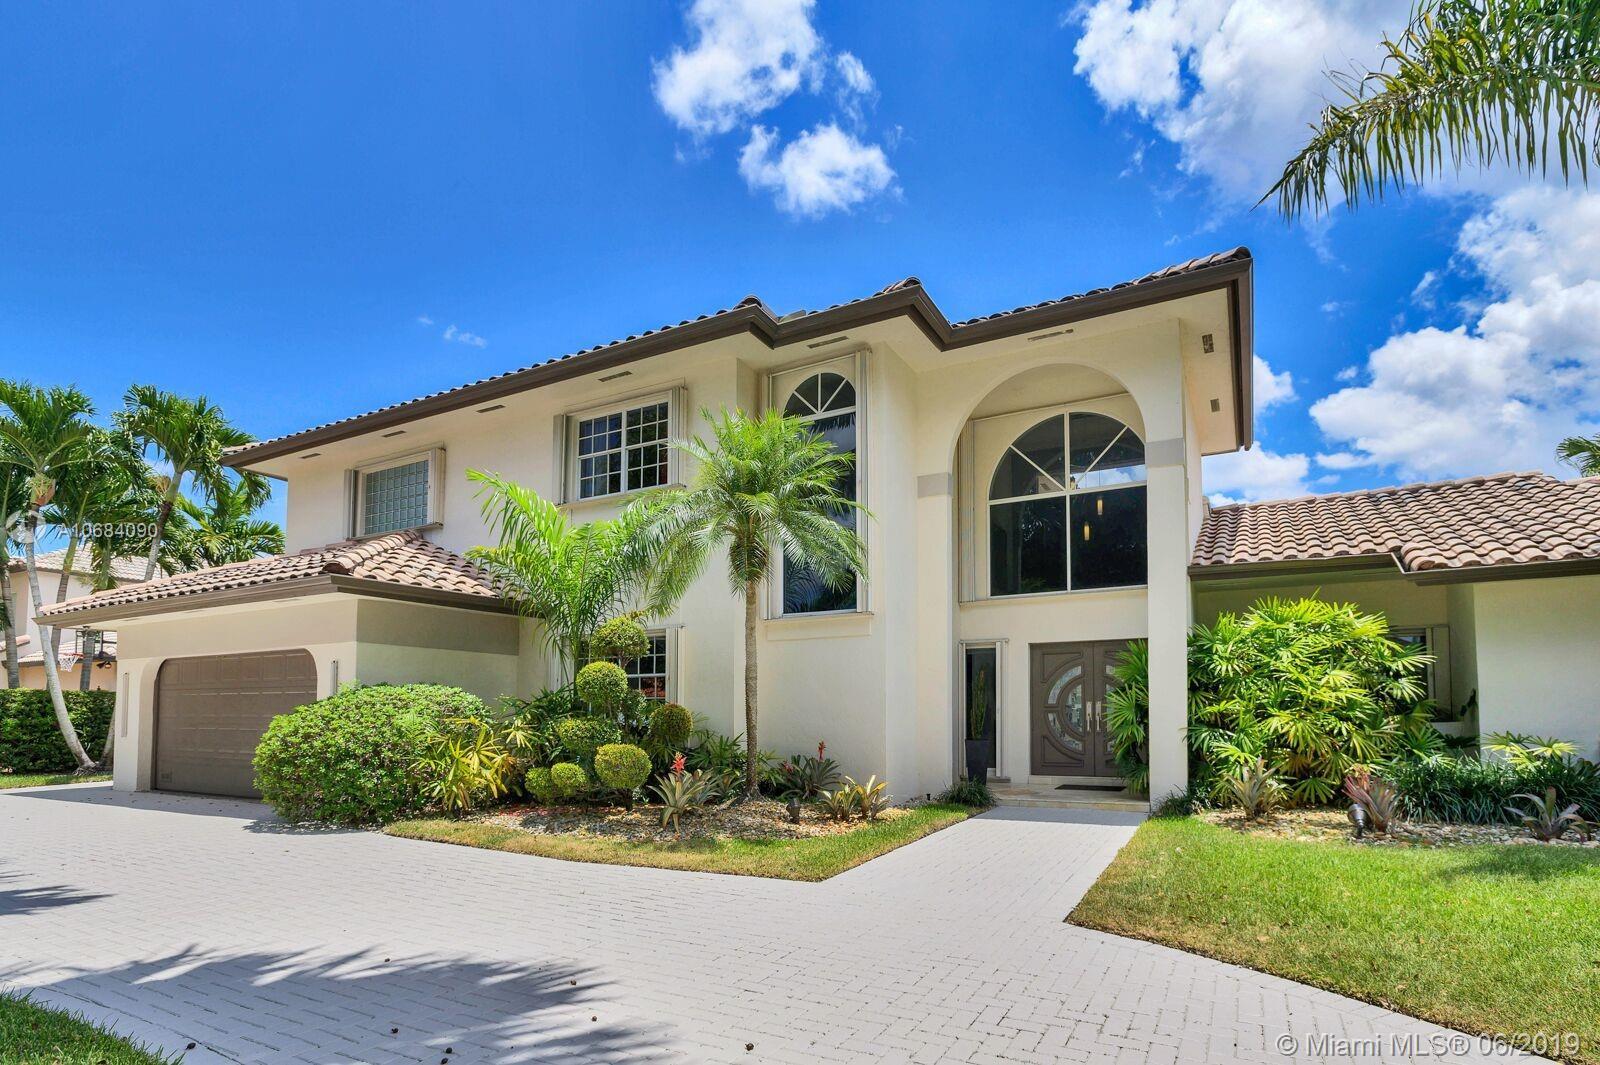 8322 NW 156th Ter, Miami Lakes, FL 33016